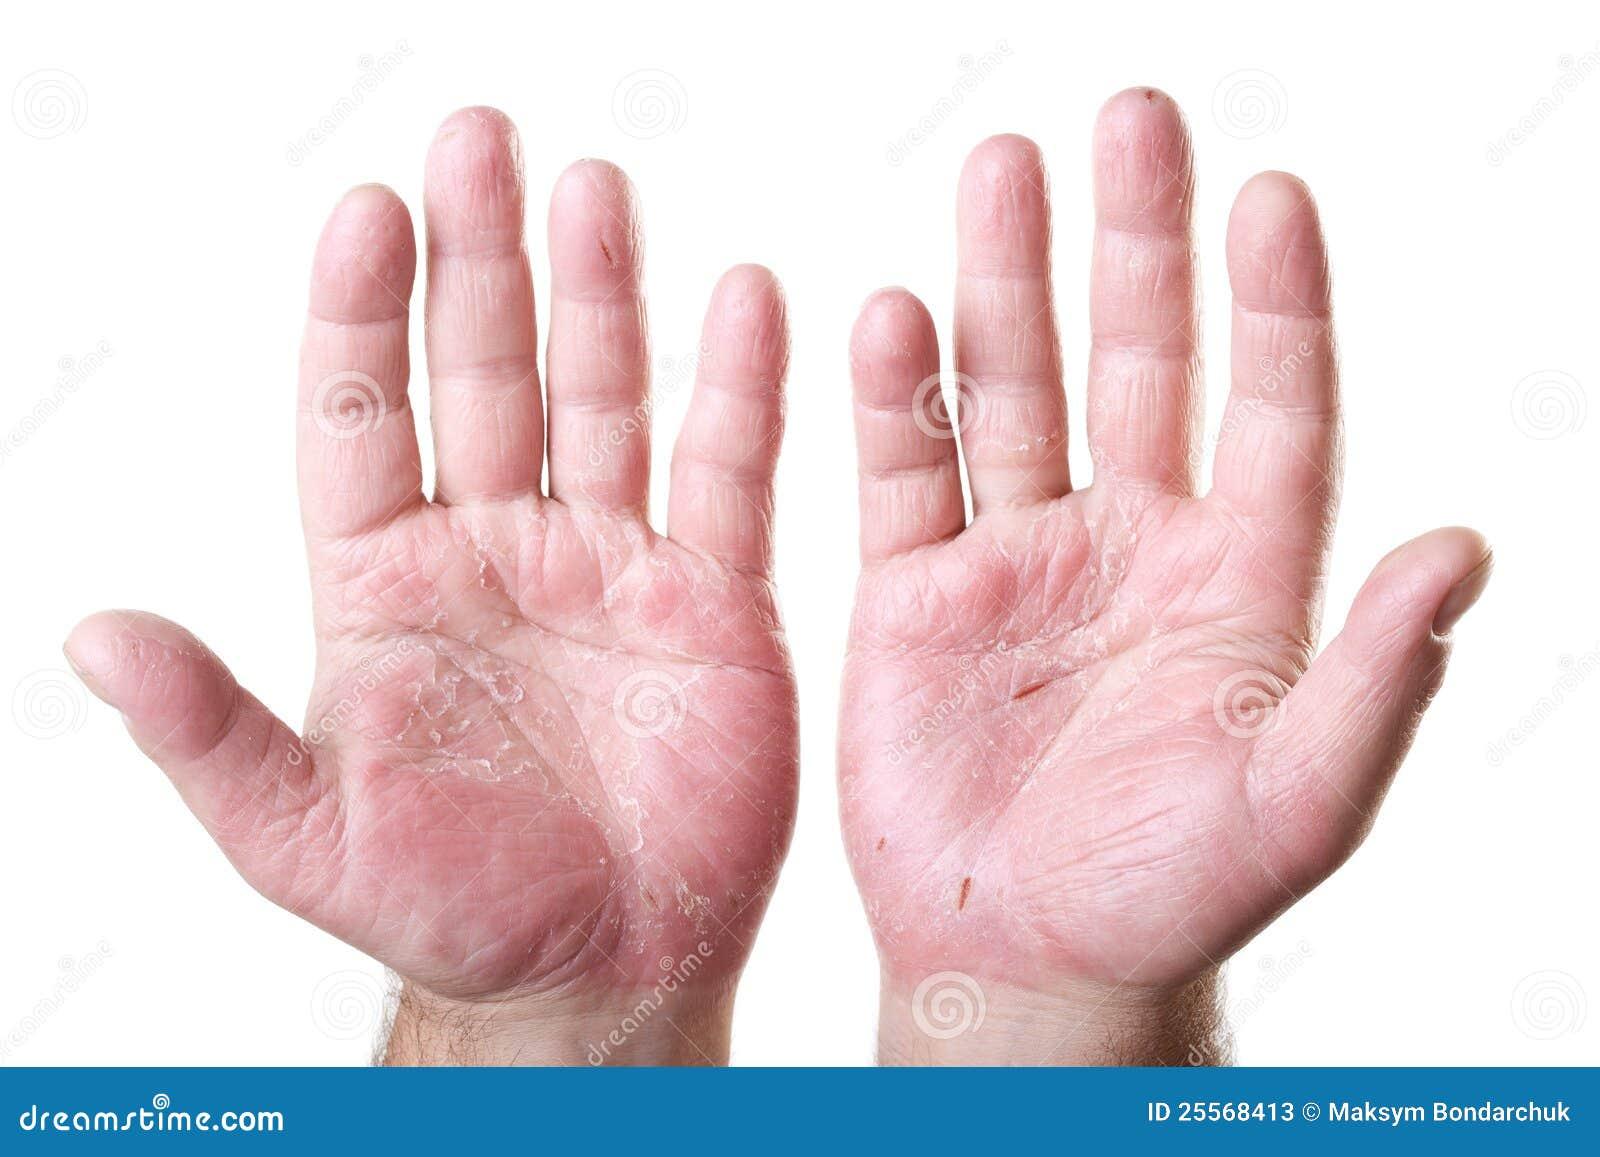 eksem hand